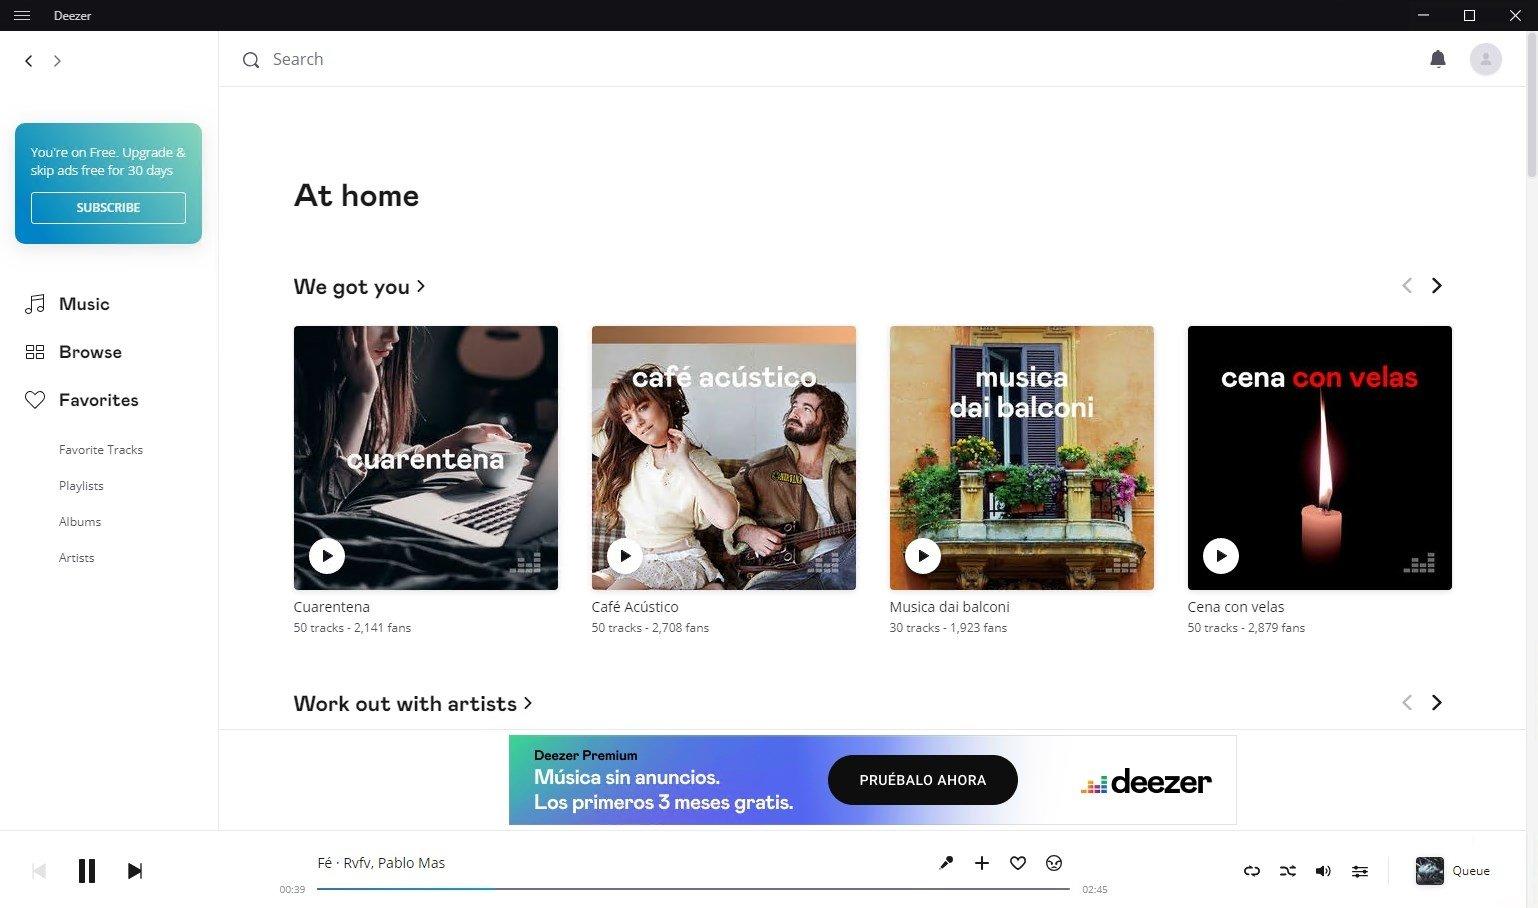 how to download music deezer